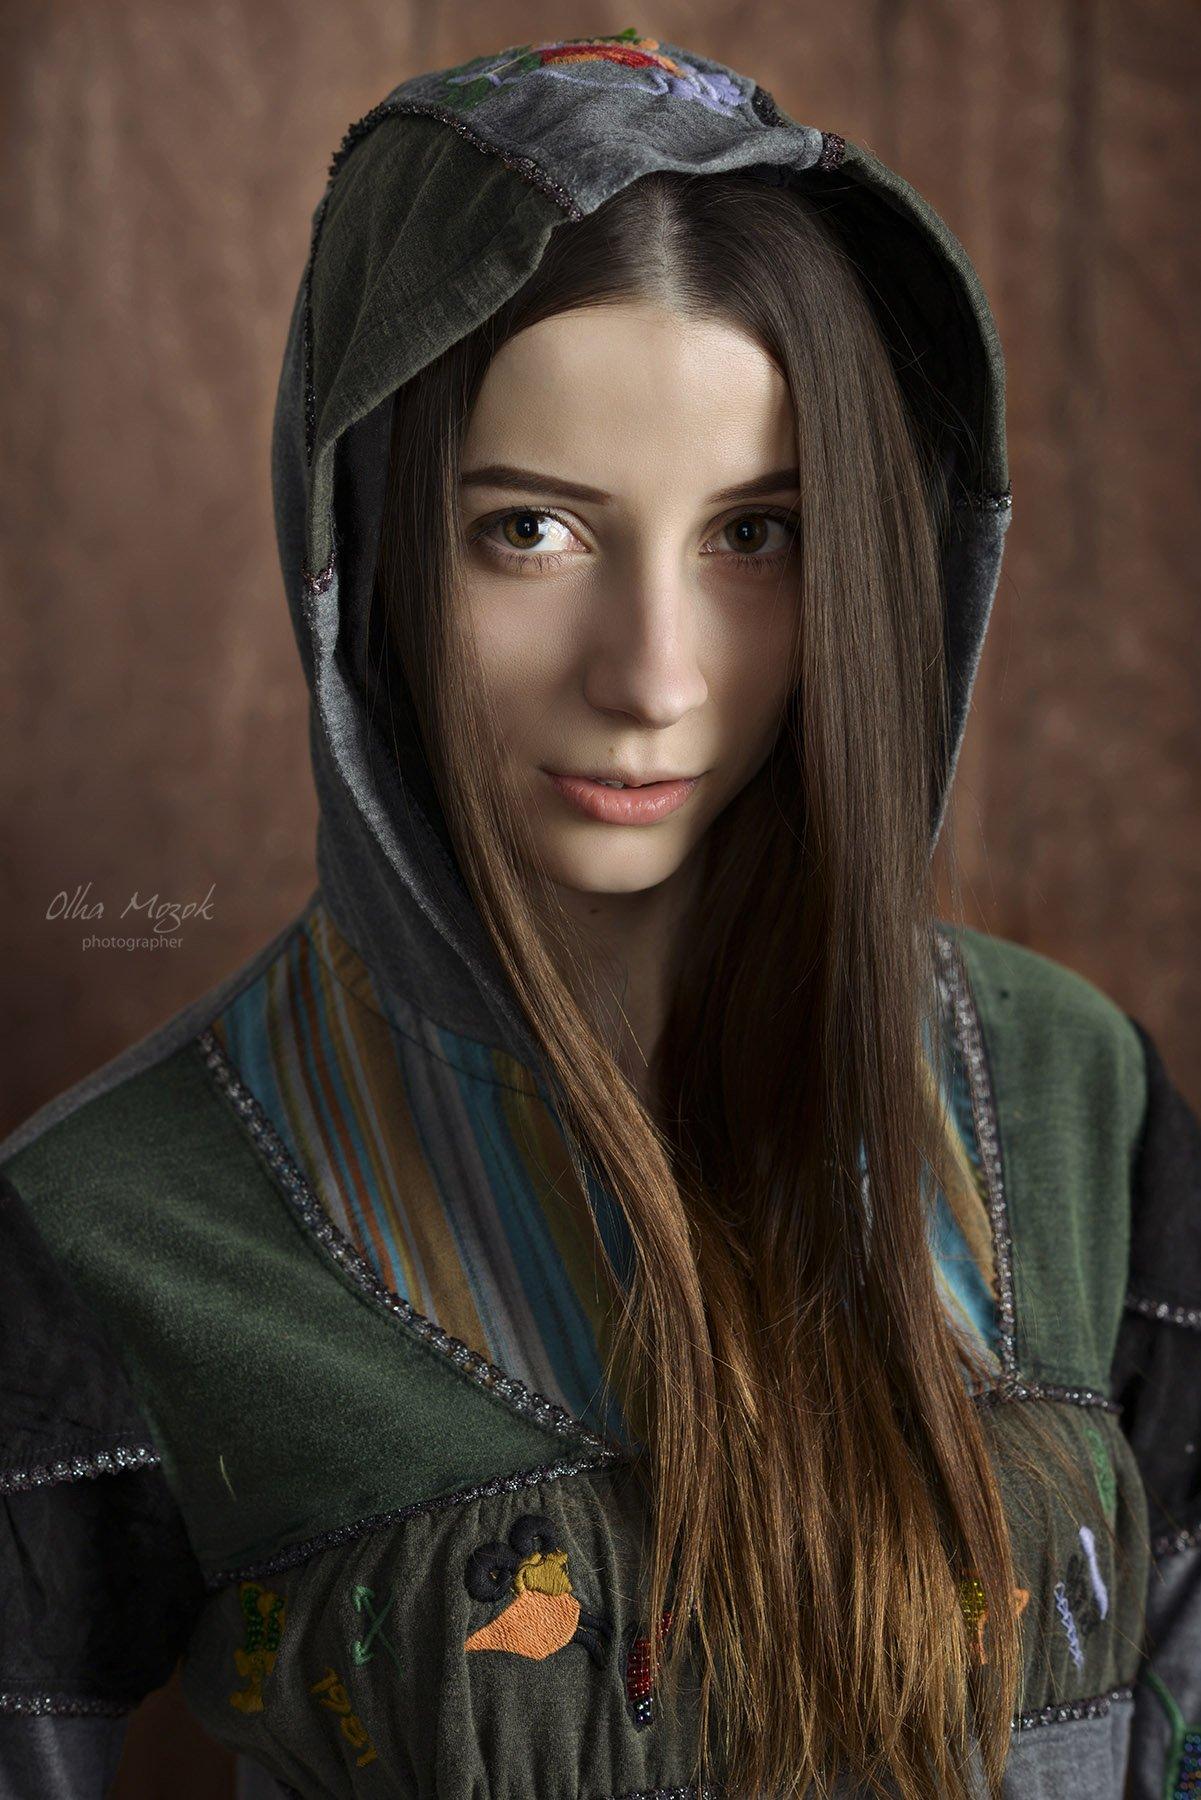 Глаза, Капюшон, Лицо, Портрет девушки, Фото, Фотограф, Фотография студийная, Olga  Mozok